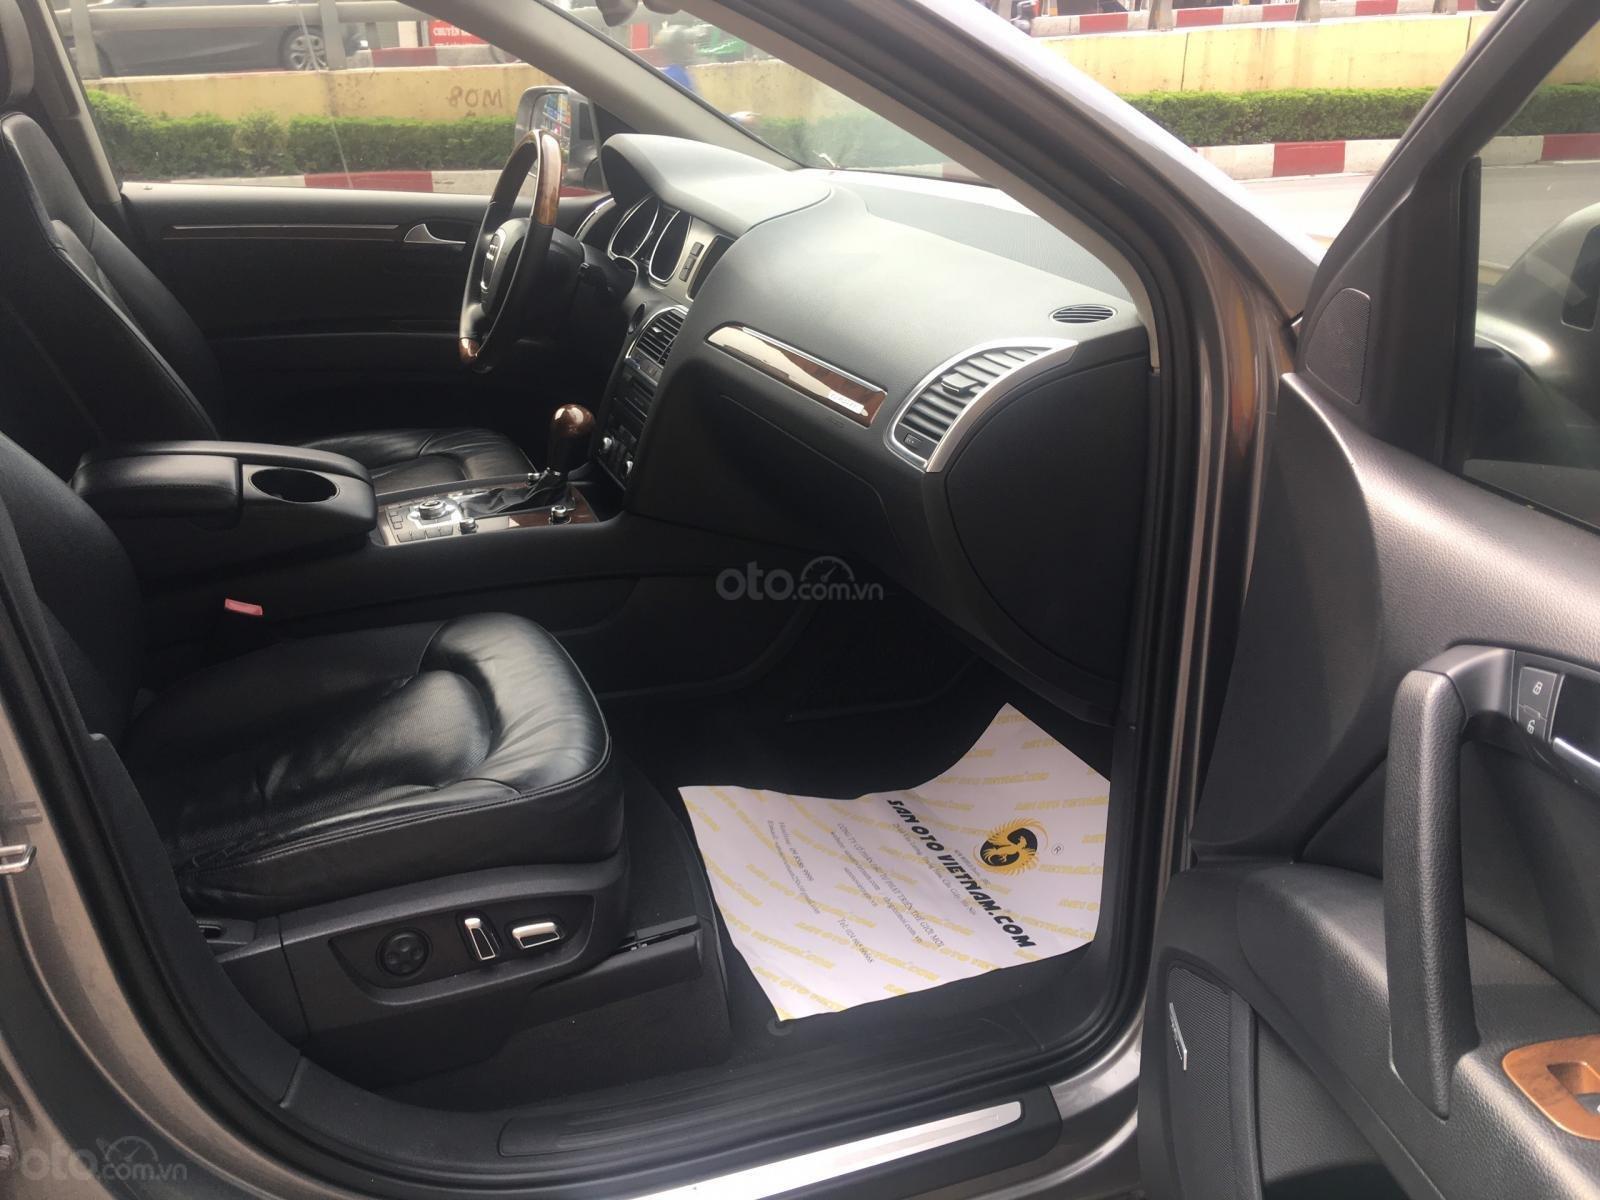 Bán Audi Q7 Sline nhập Mỹ 3.0 TFSI 2011, form 2015 (14)